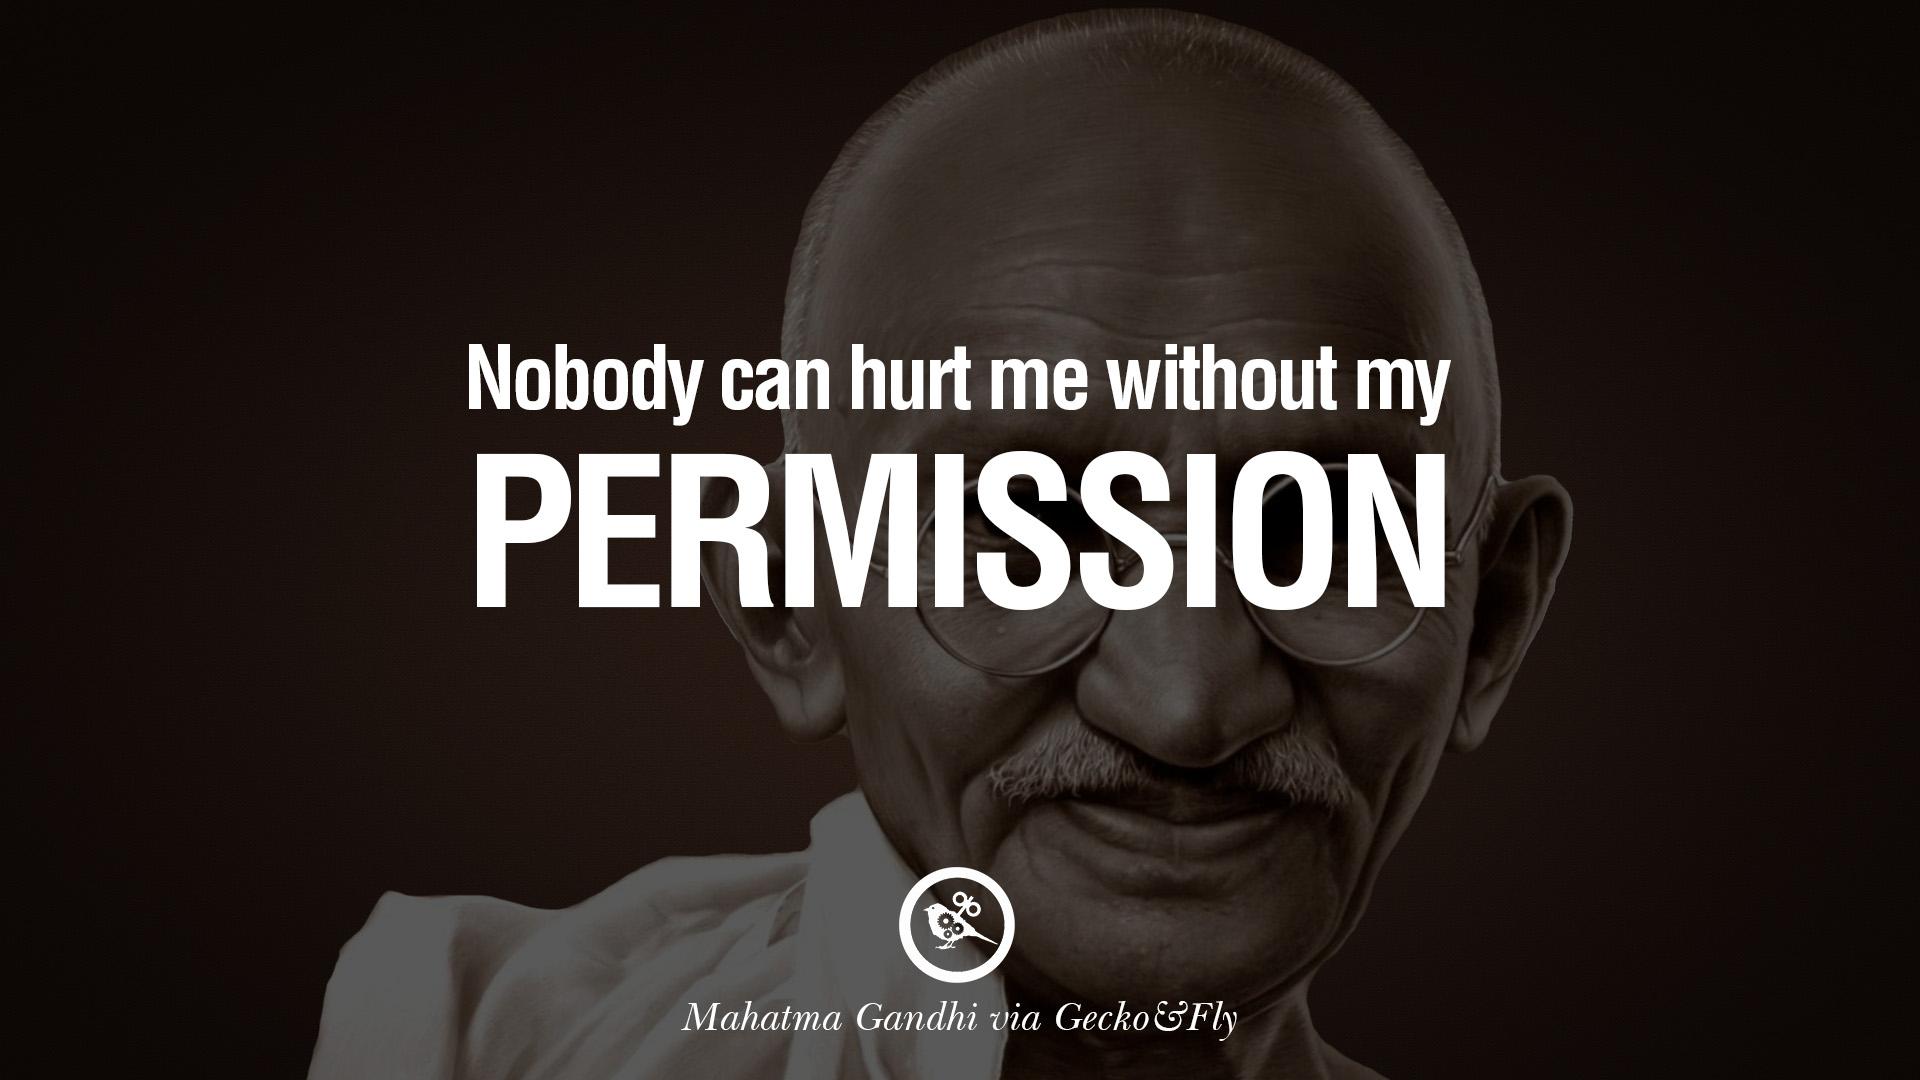 mahatma gandhi quotes on peace quotesgram